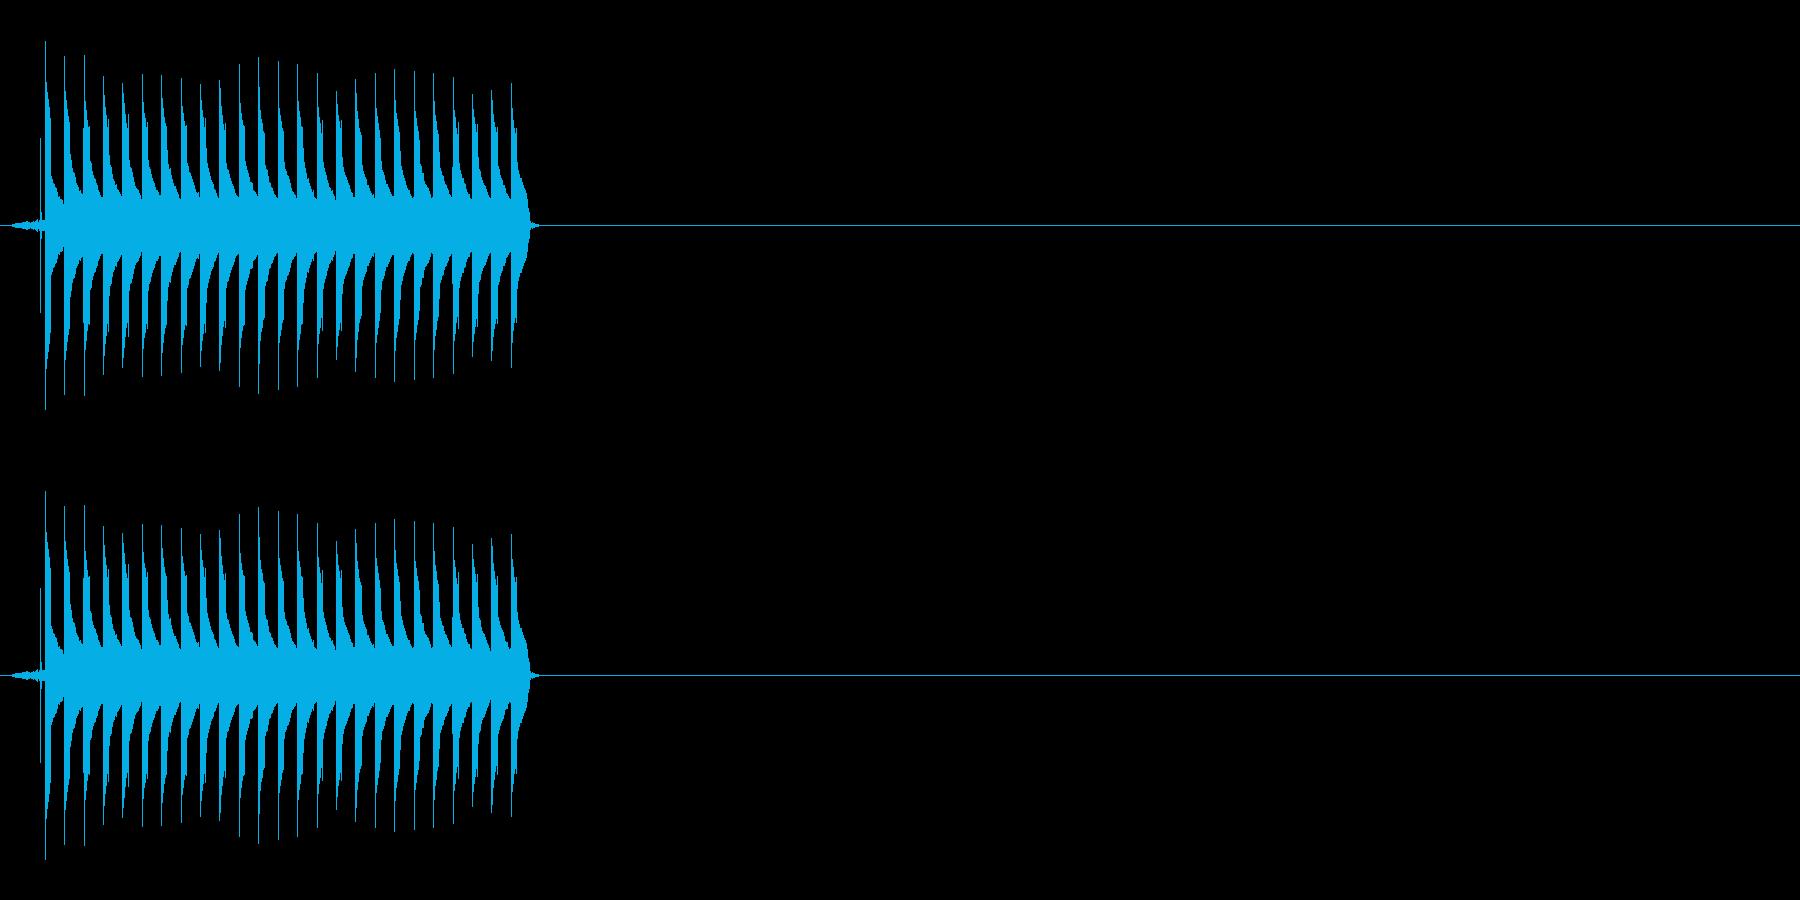 【SE】不正解01(ブー)の再生済みの波形